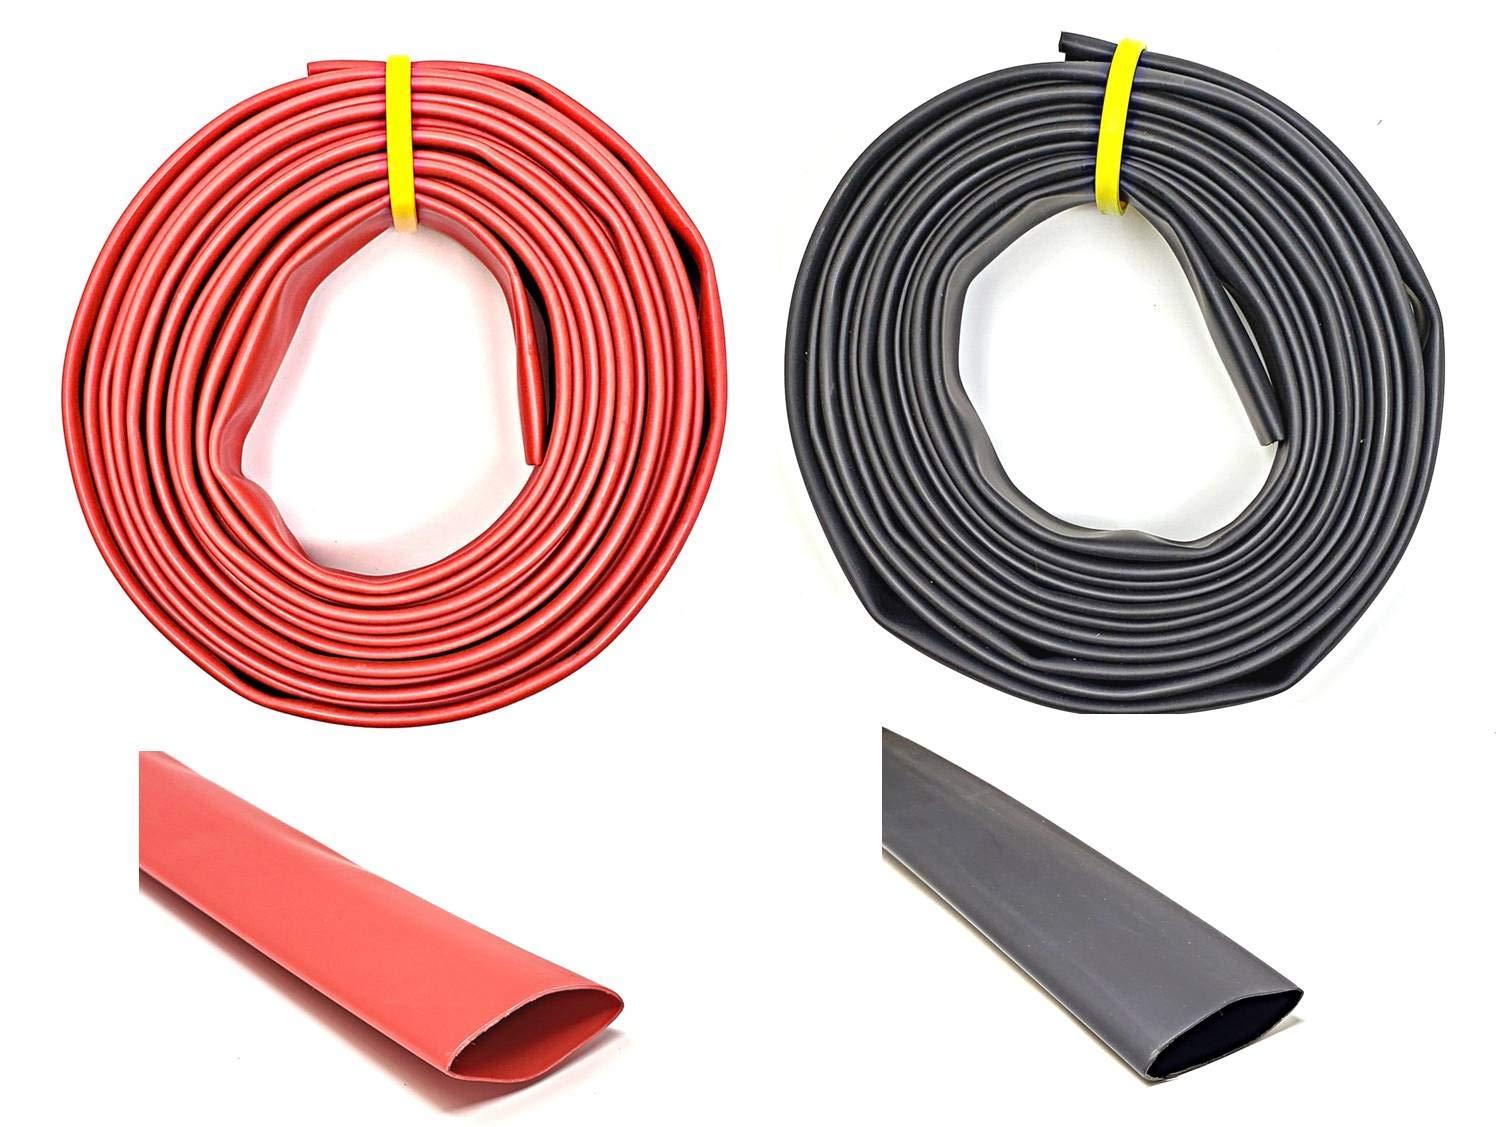 WindyNation 2'' ID 50 Feet Black + 50 Feet Red 2:1 Polyolefin Heat Shrink Tube Tubing